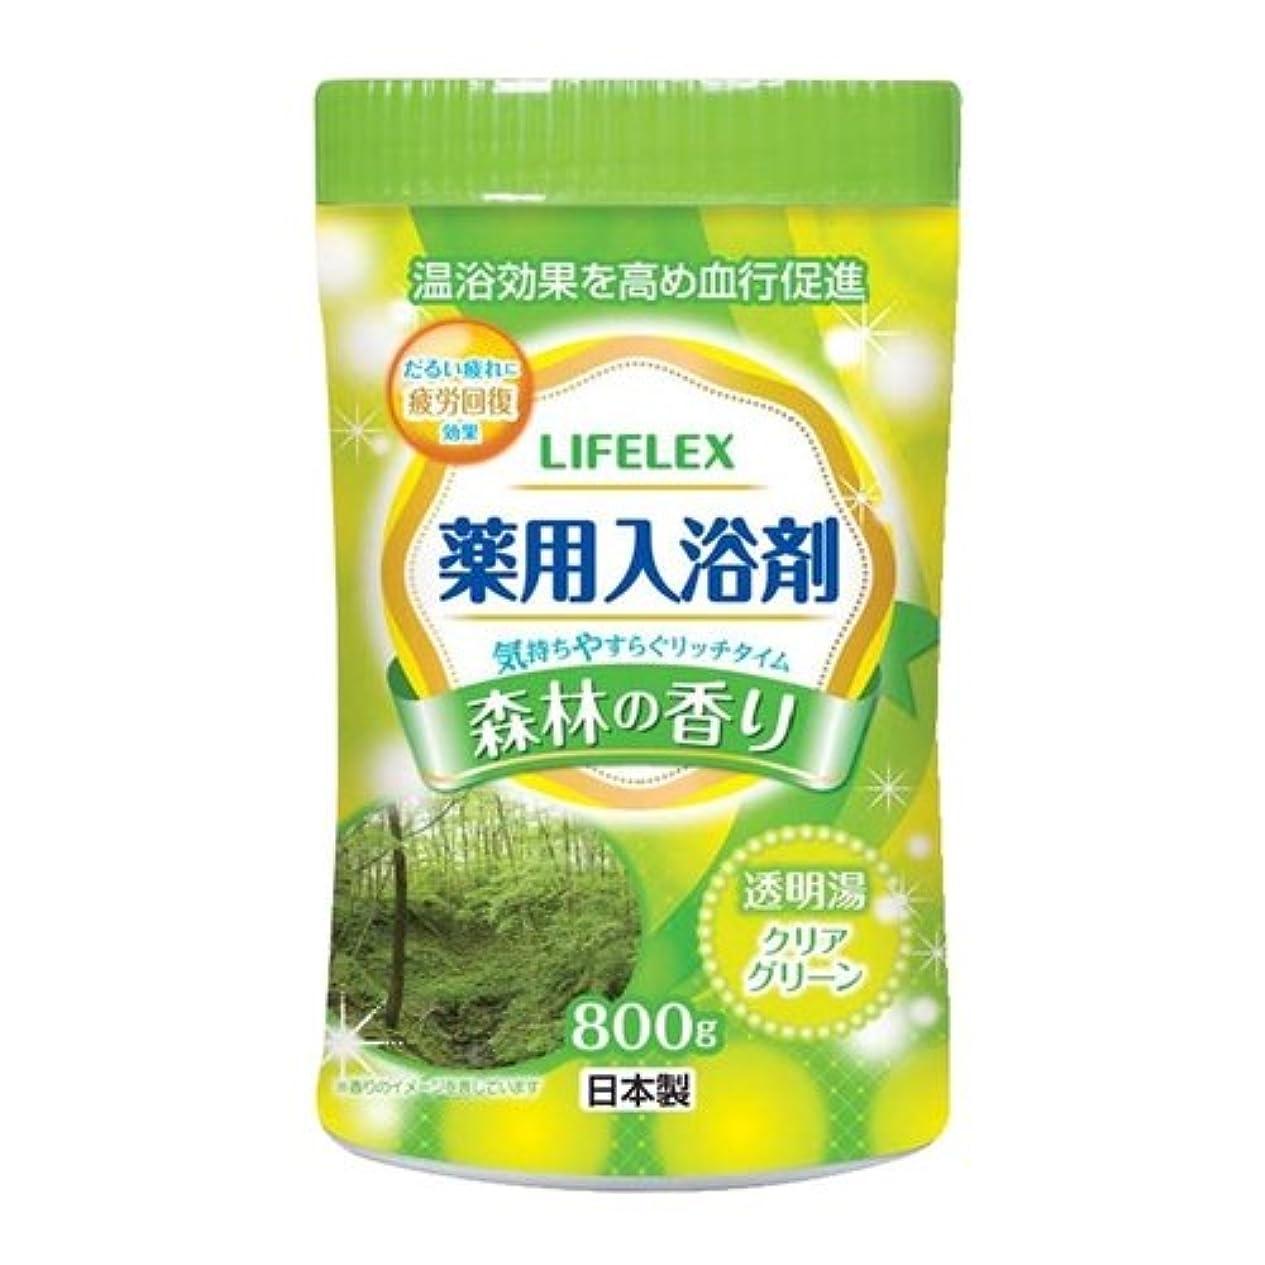 ロンドン委託ふりをするコーナンオリジナル 薬用入浴剤 森林の香り 800g